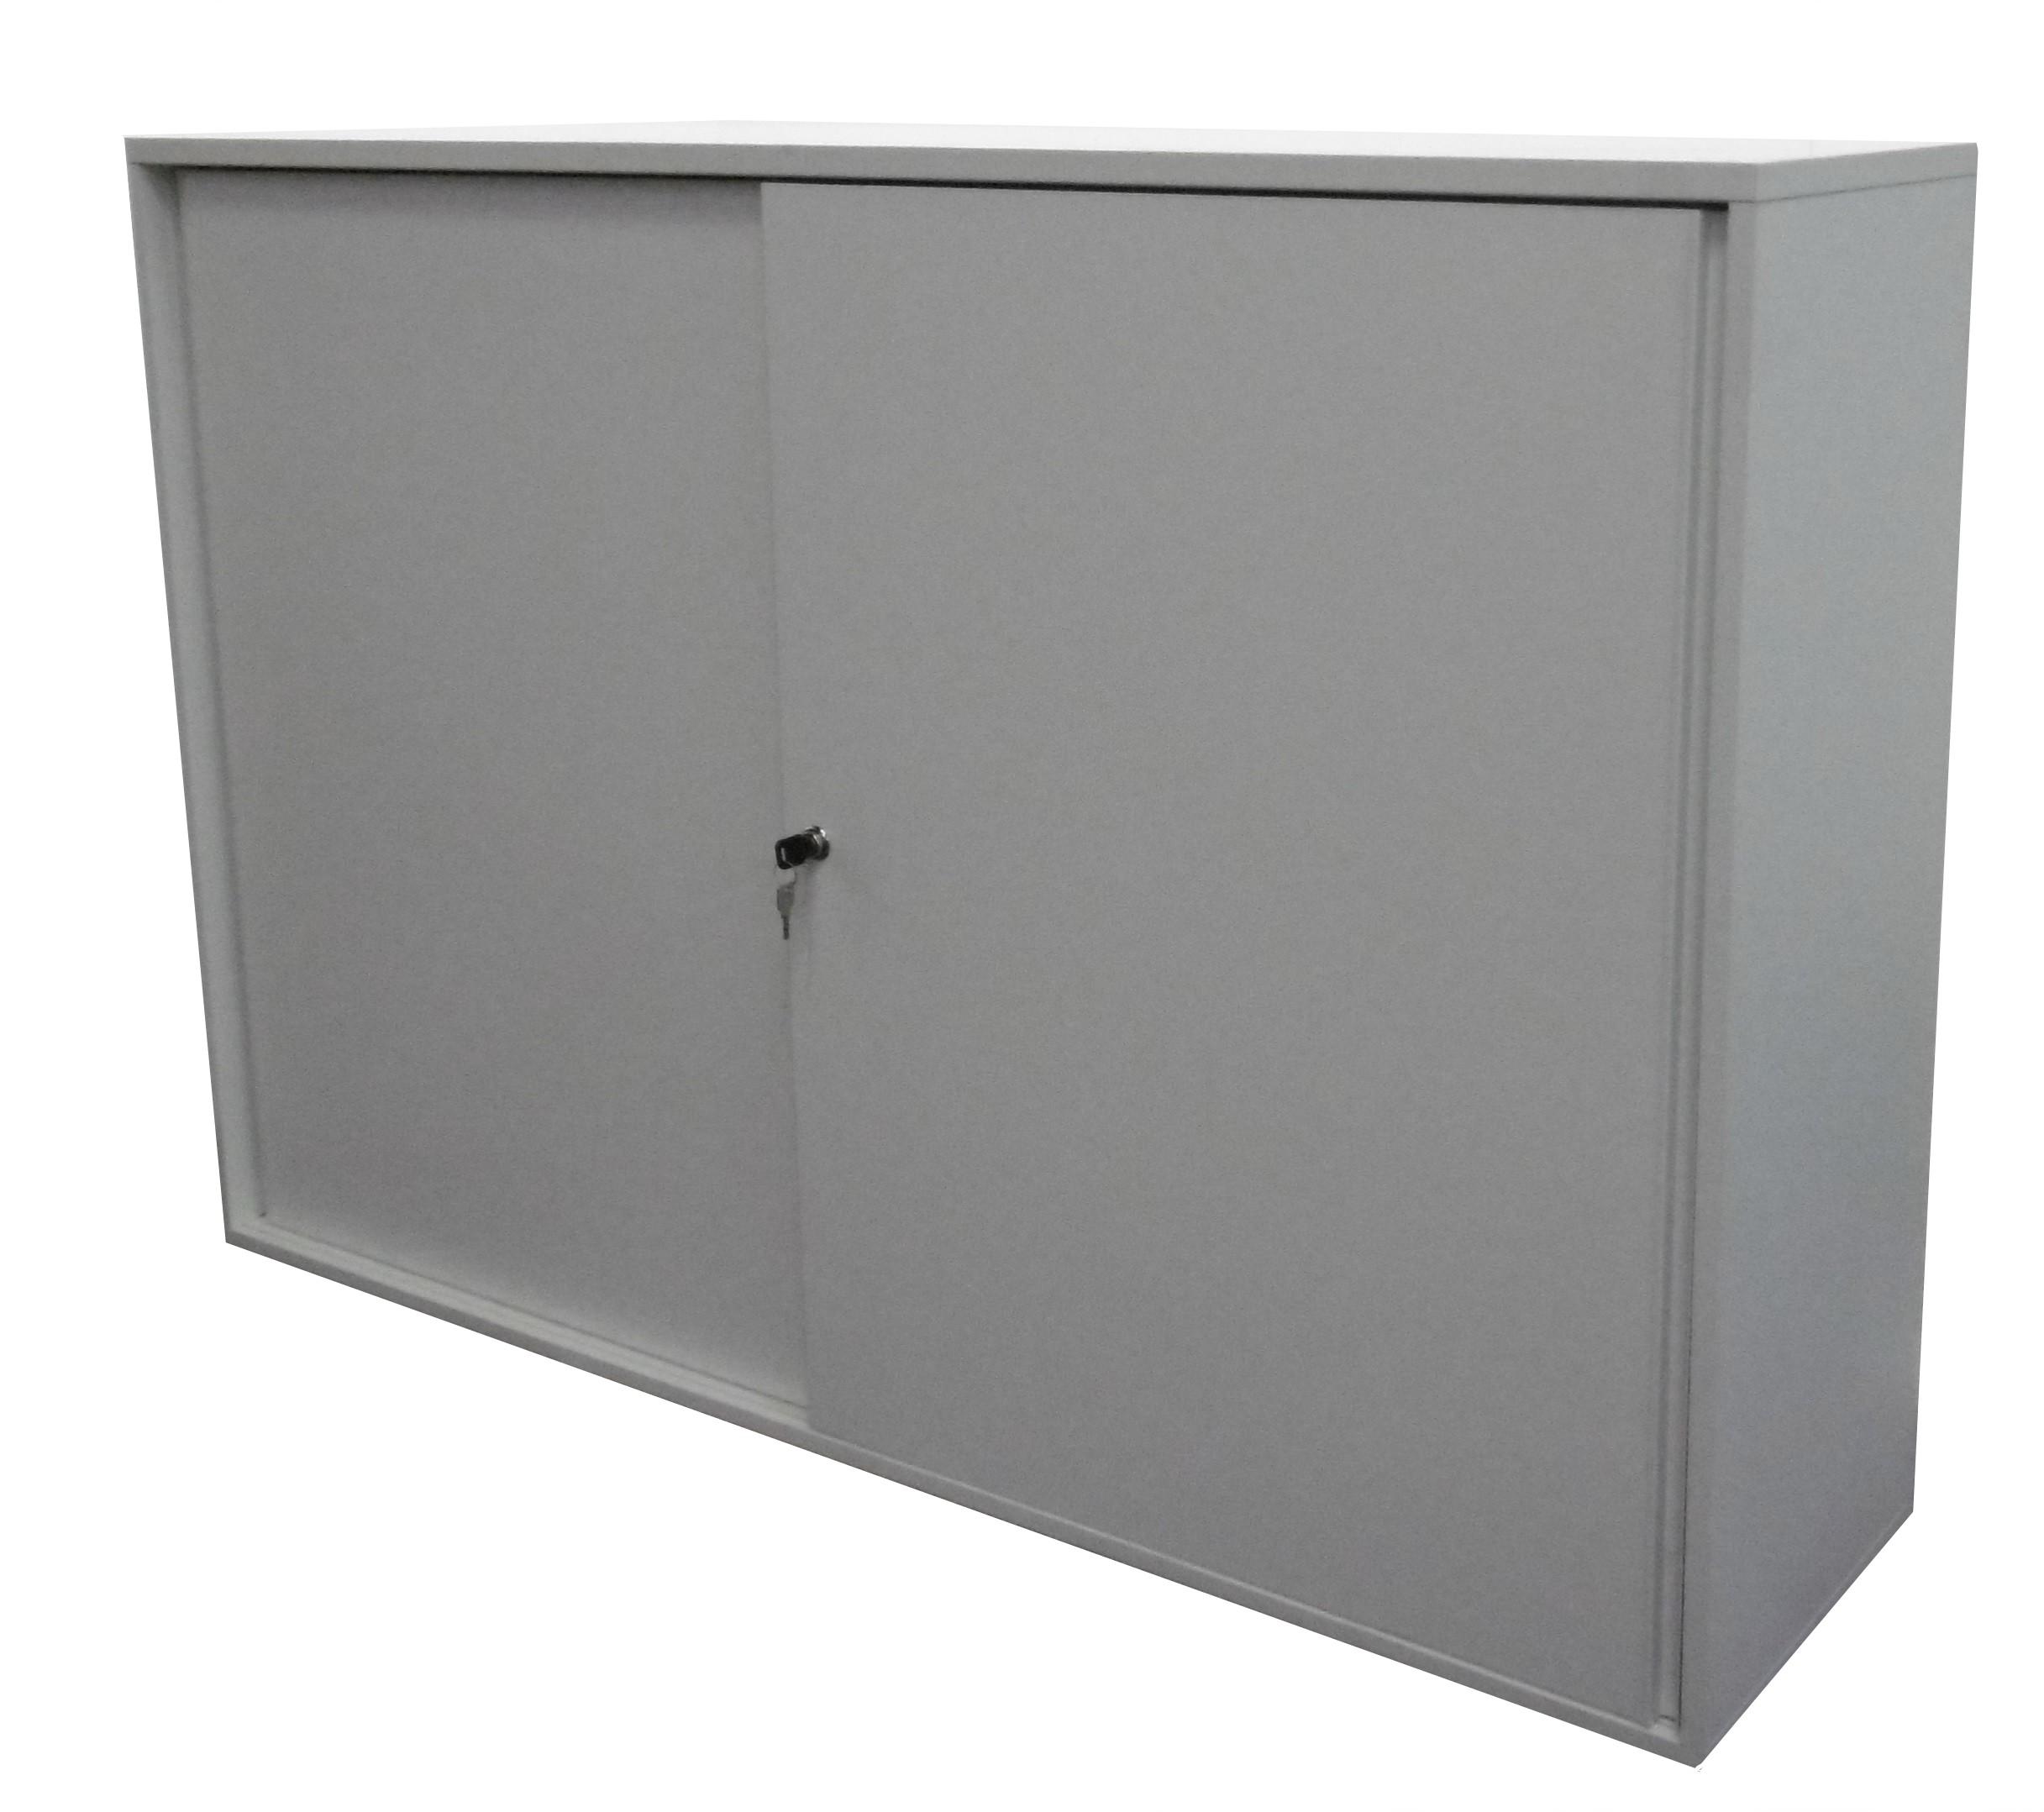 Armoire monobloc rangement bureau portes coulissantes - Rangement porte coulissante ...